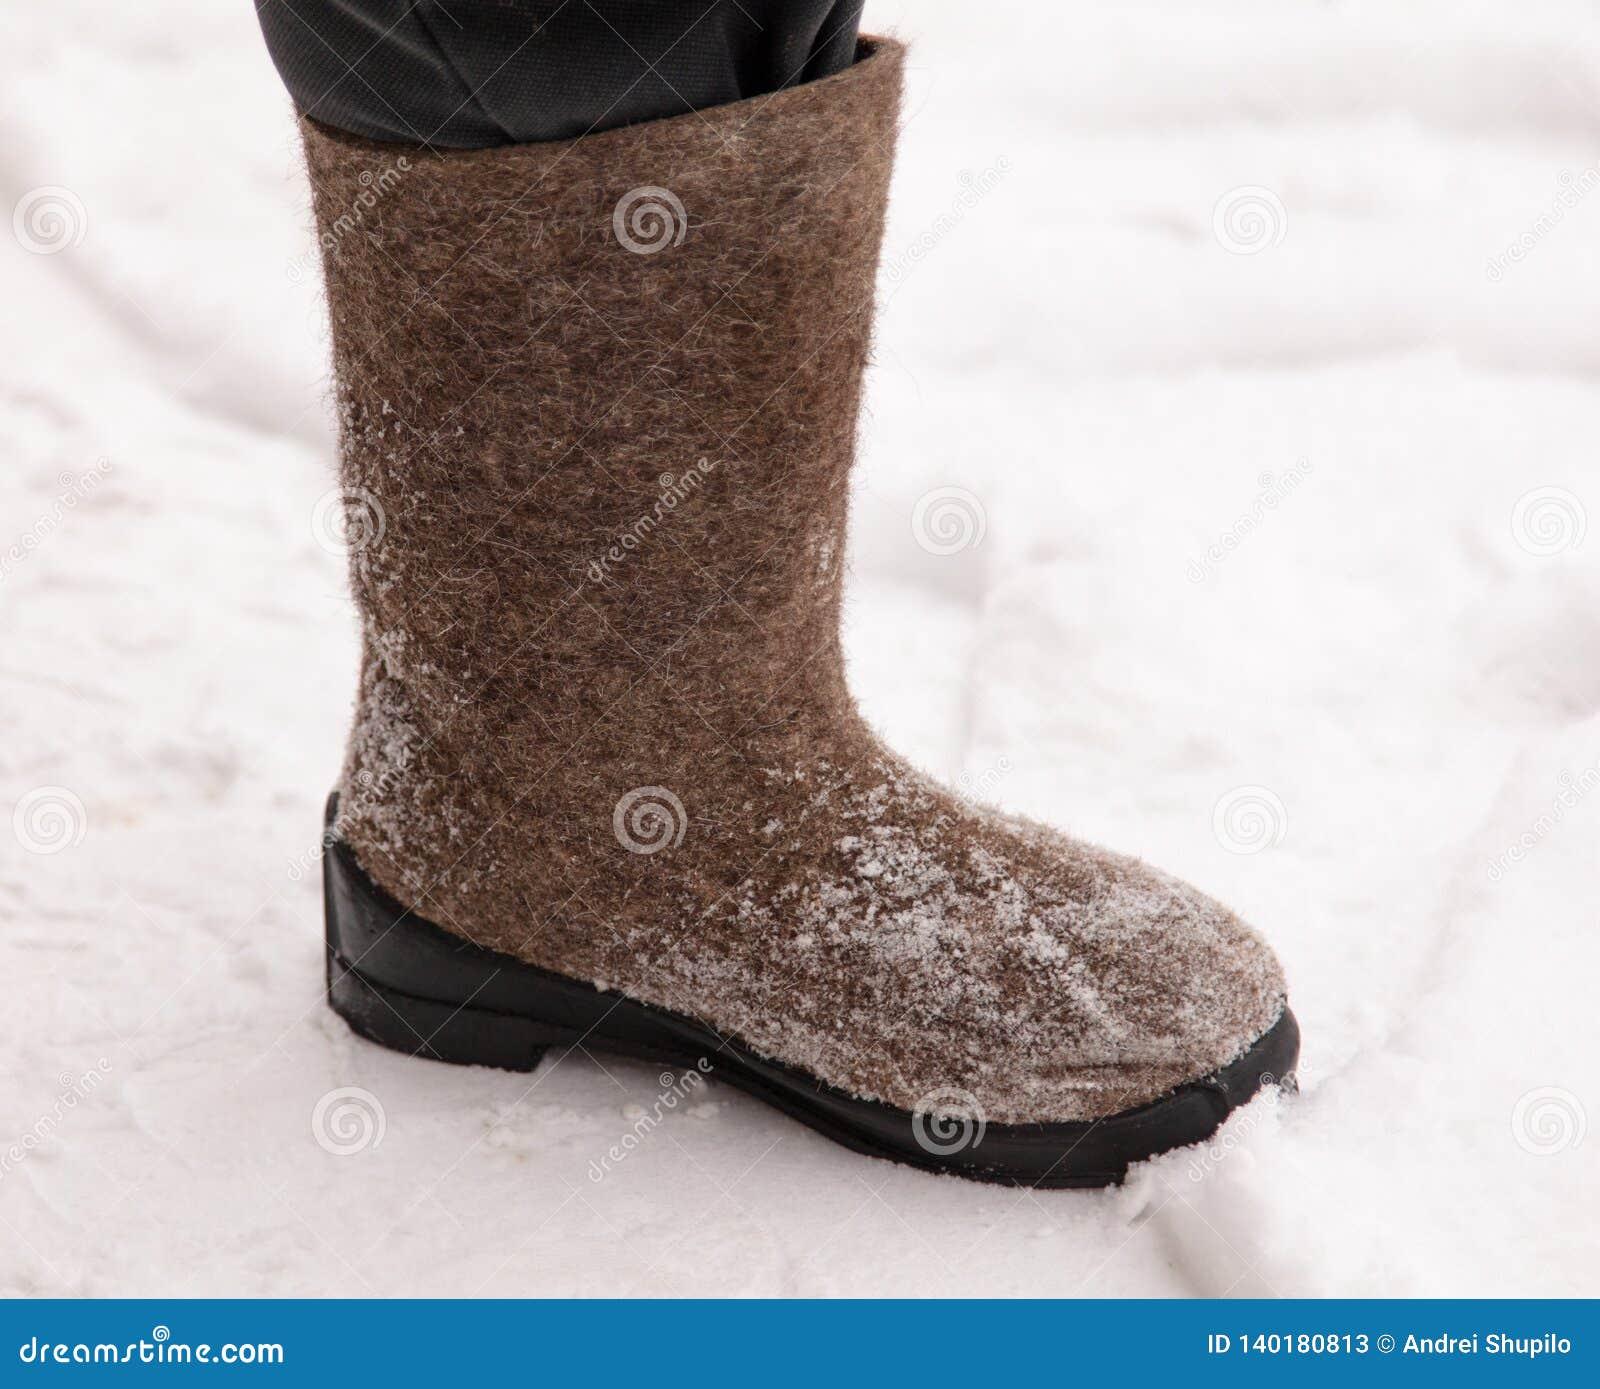 Buty na ciekach mężczyzna w zimie